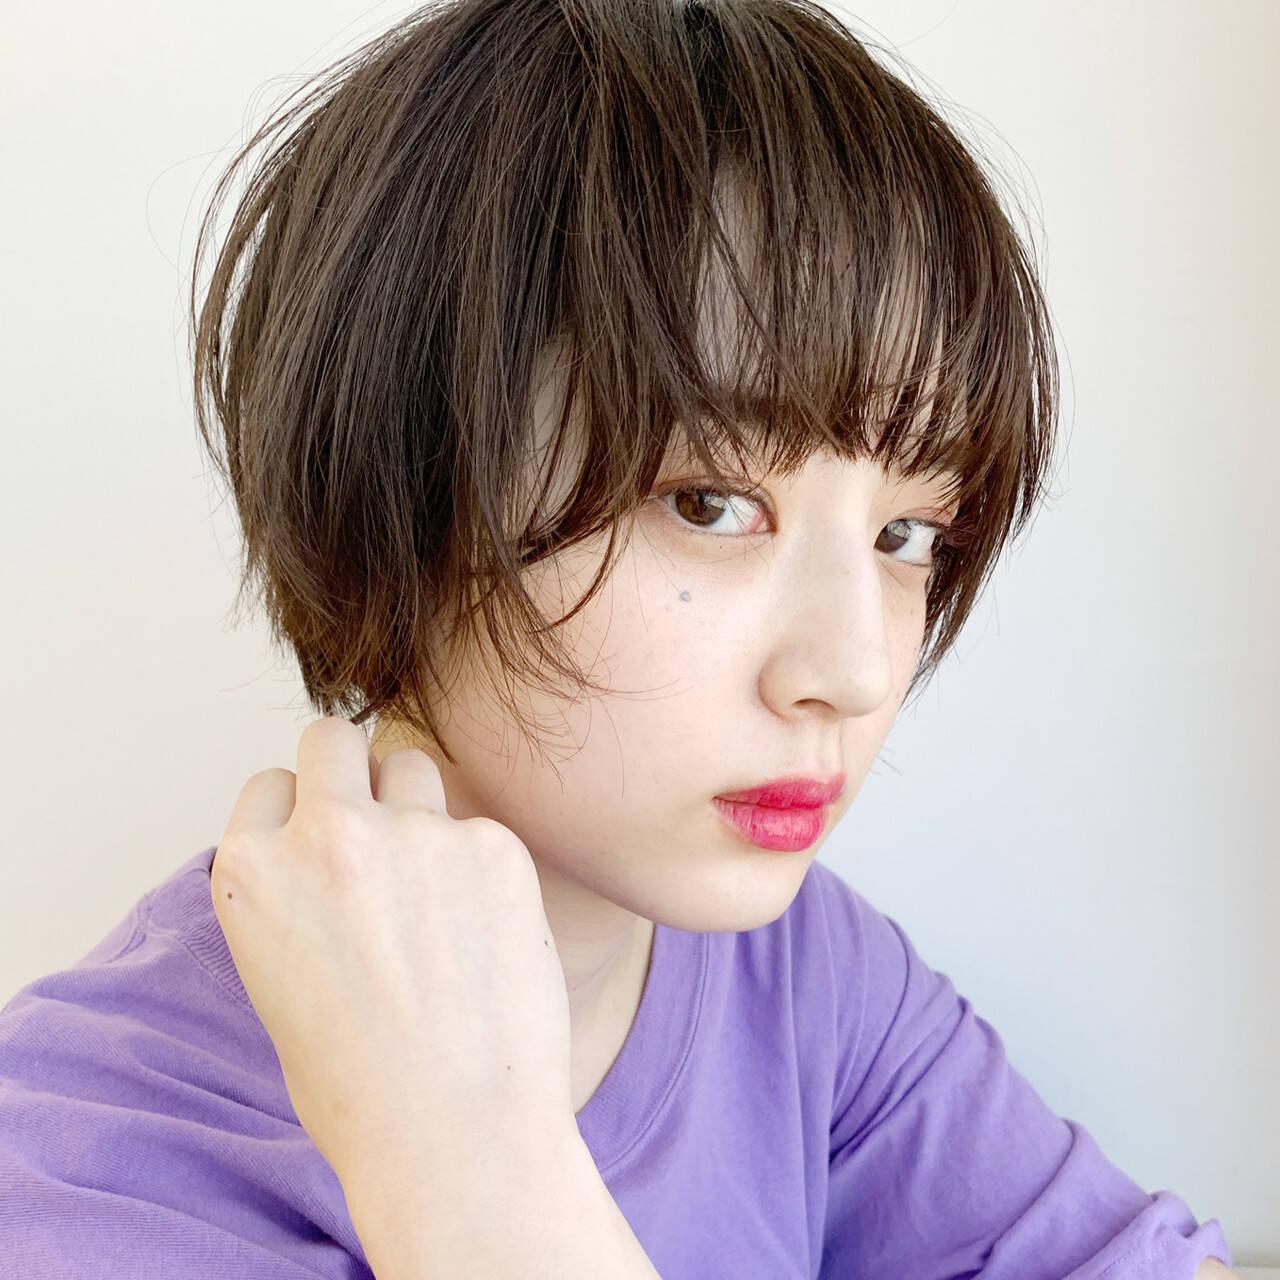 ナチュラル マッシュショート アッシュ 大人かわいいヘアスタイルや髪型の写真・画像